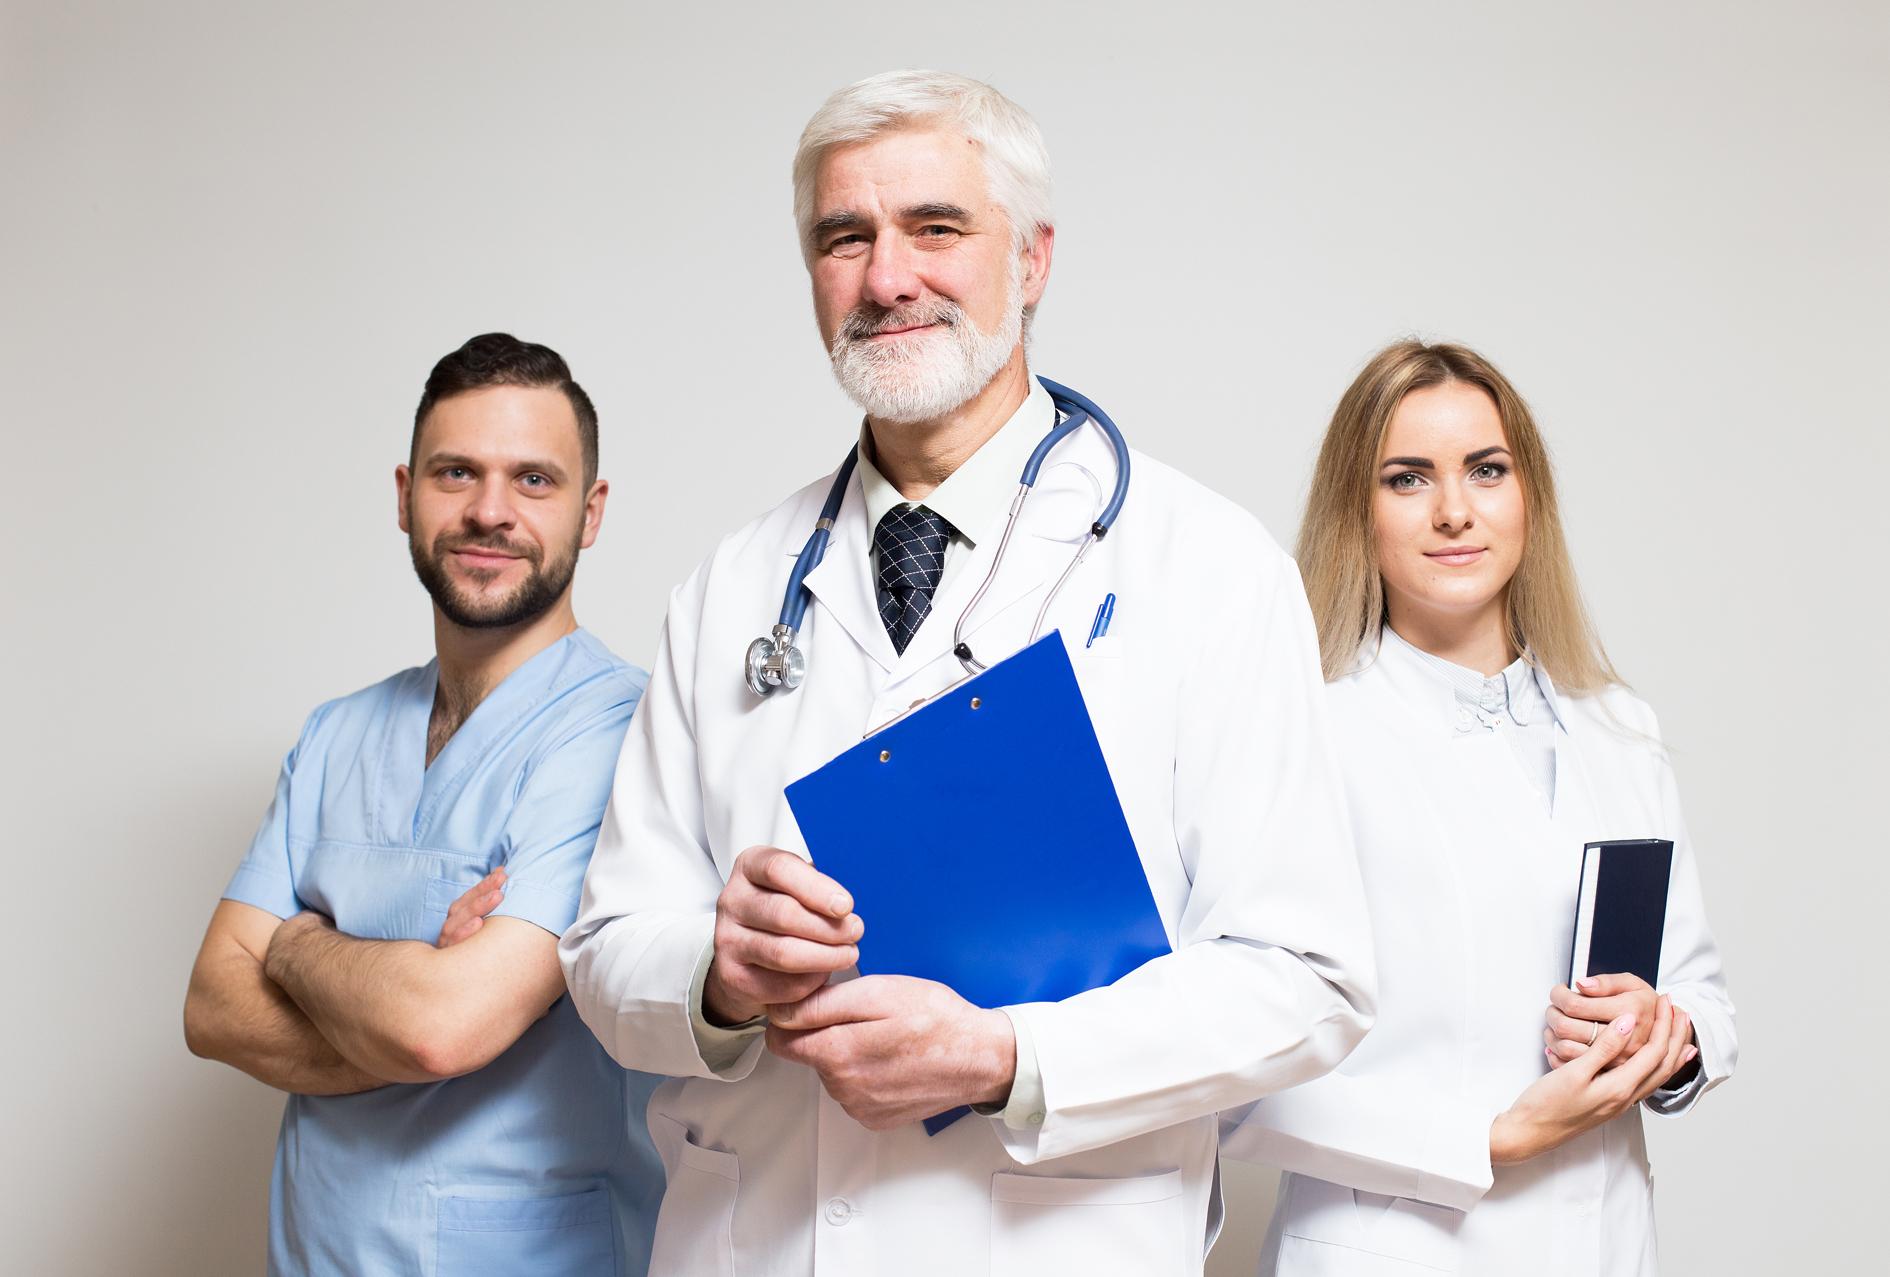 Melhores planos de saúde de 2019 [Atualizado]